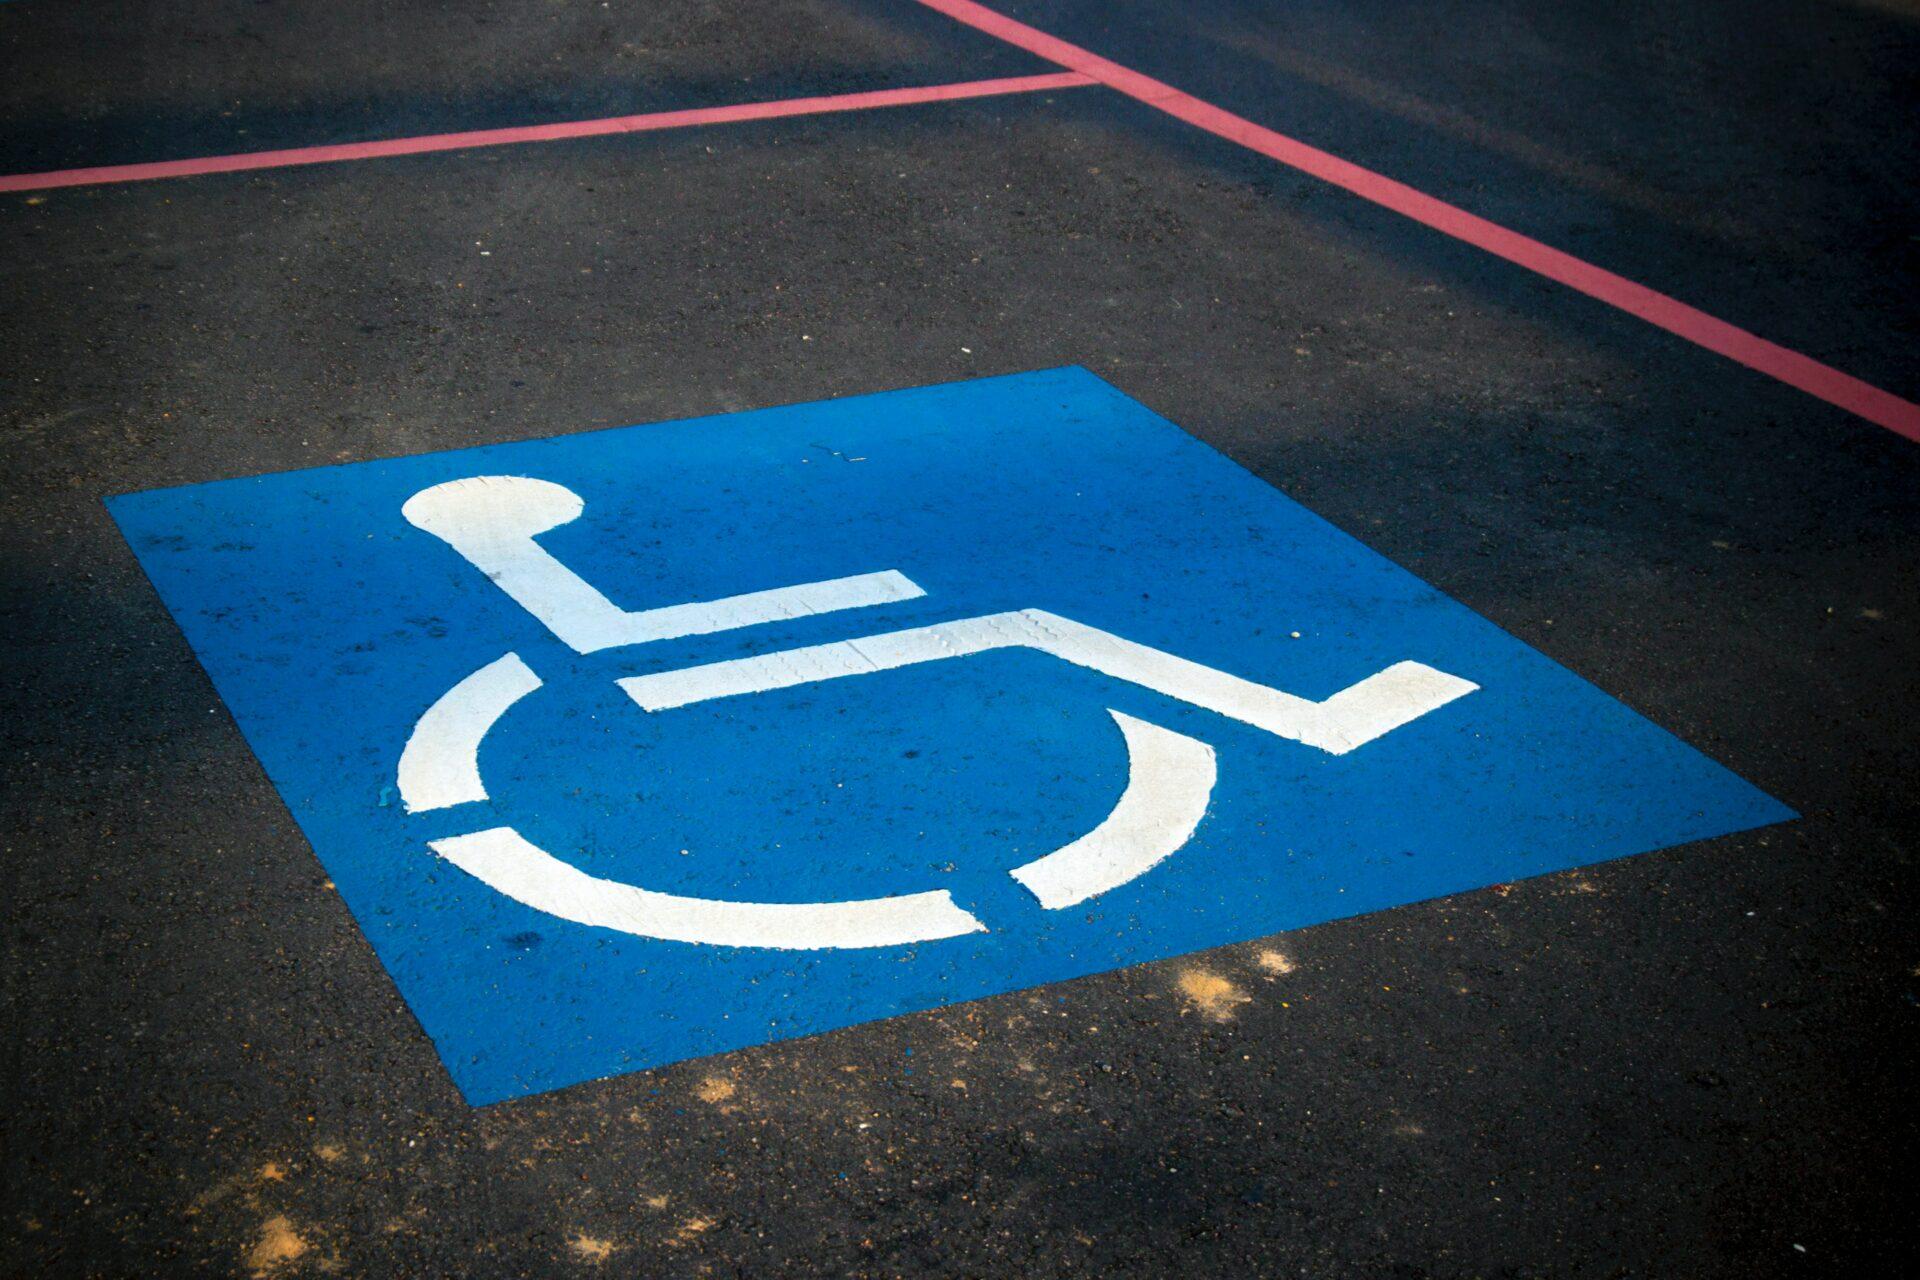 Ein auf den Boden gemaltes Rollstuhl-Logo